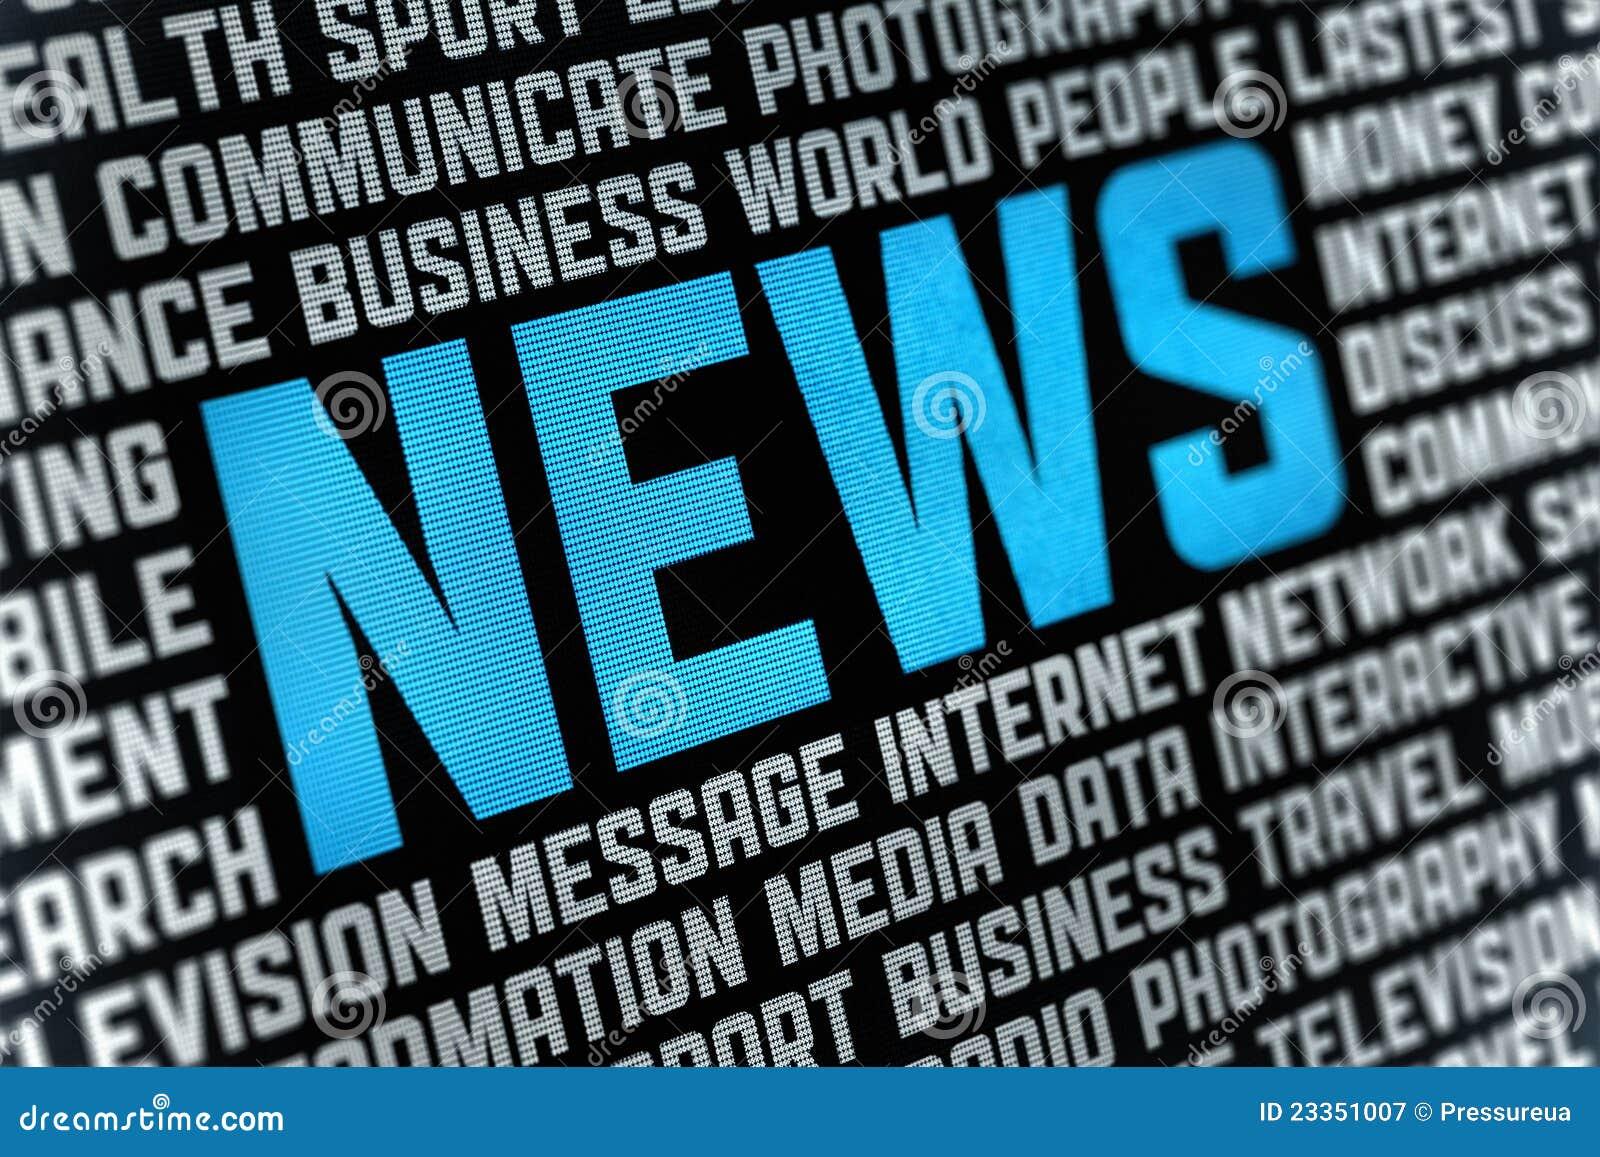 Cartel de las noticias